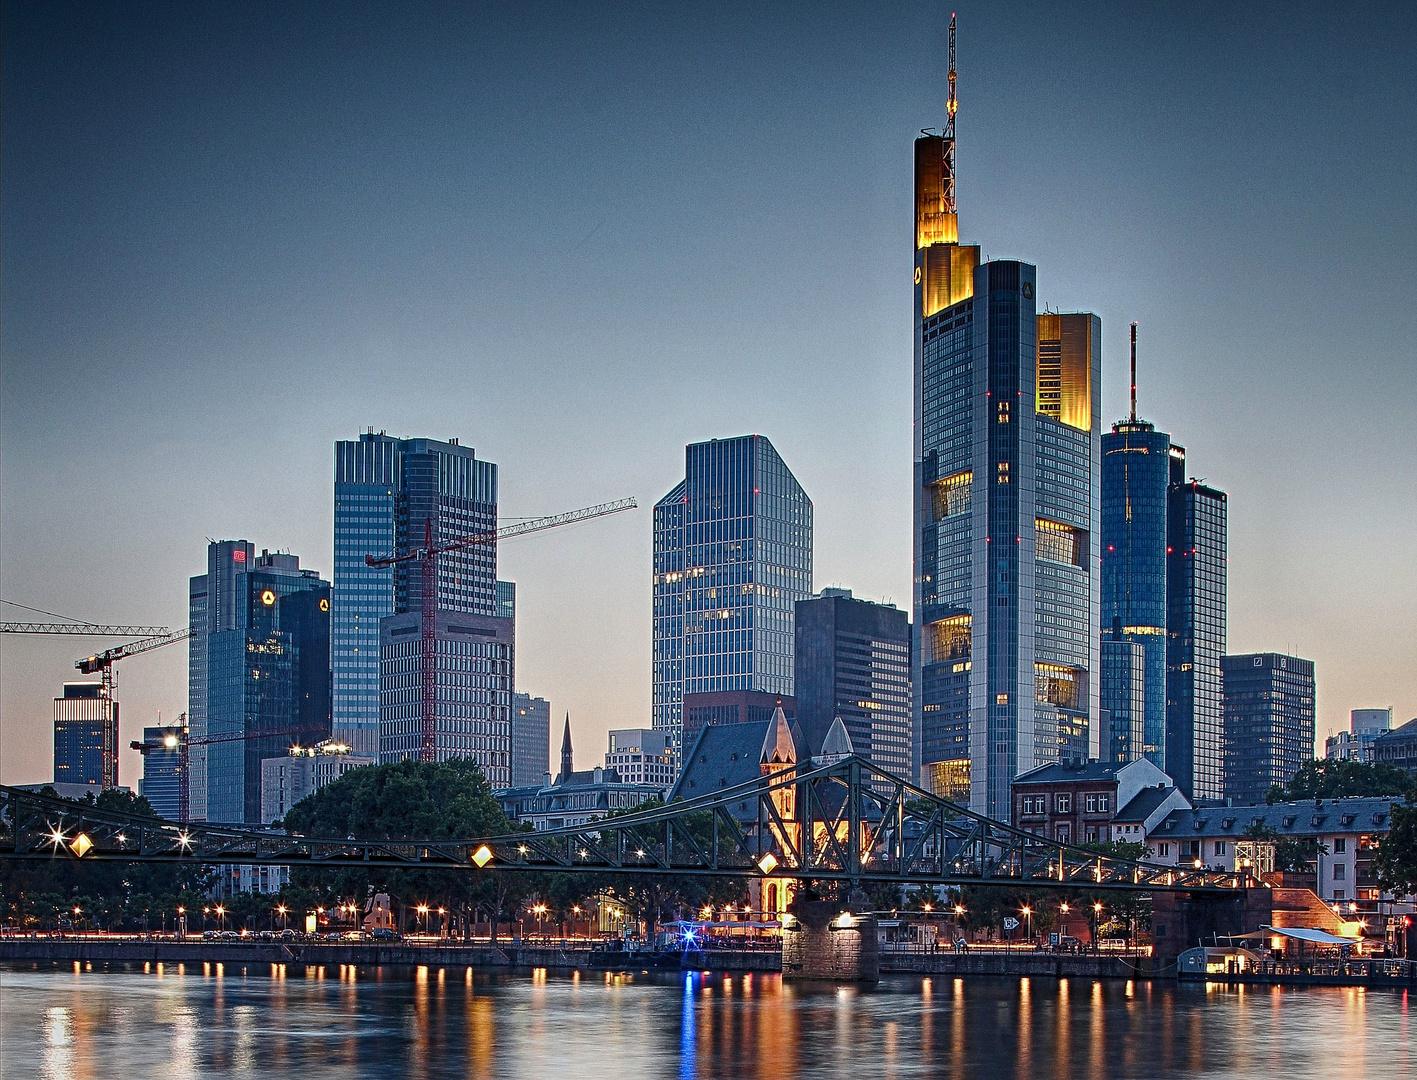 Frankfurt zu Beginn der blauen Stunde